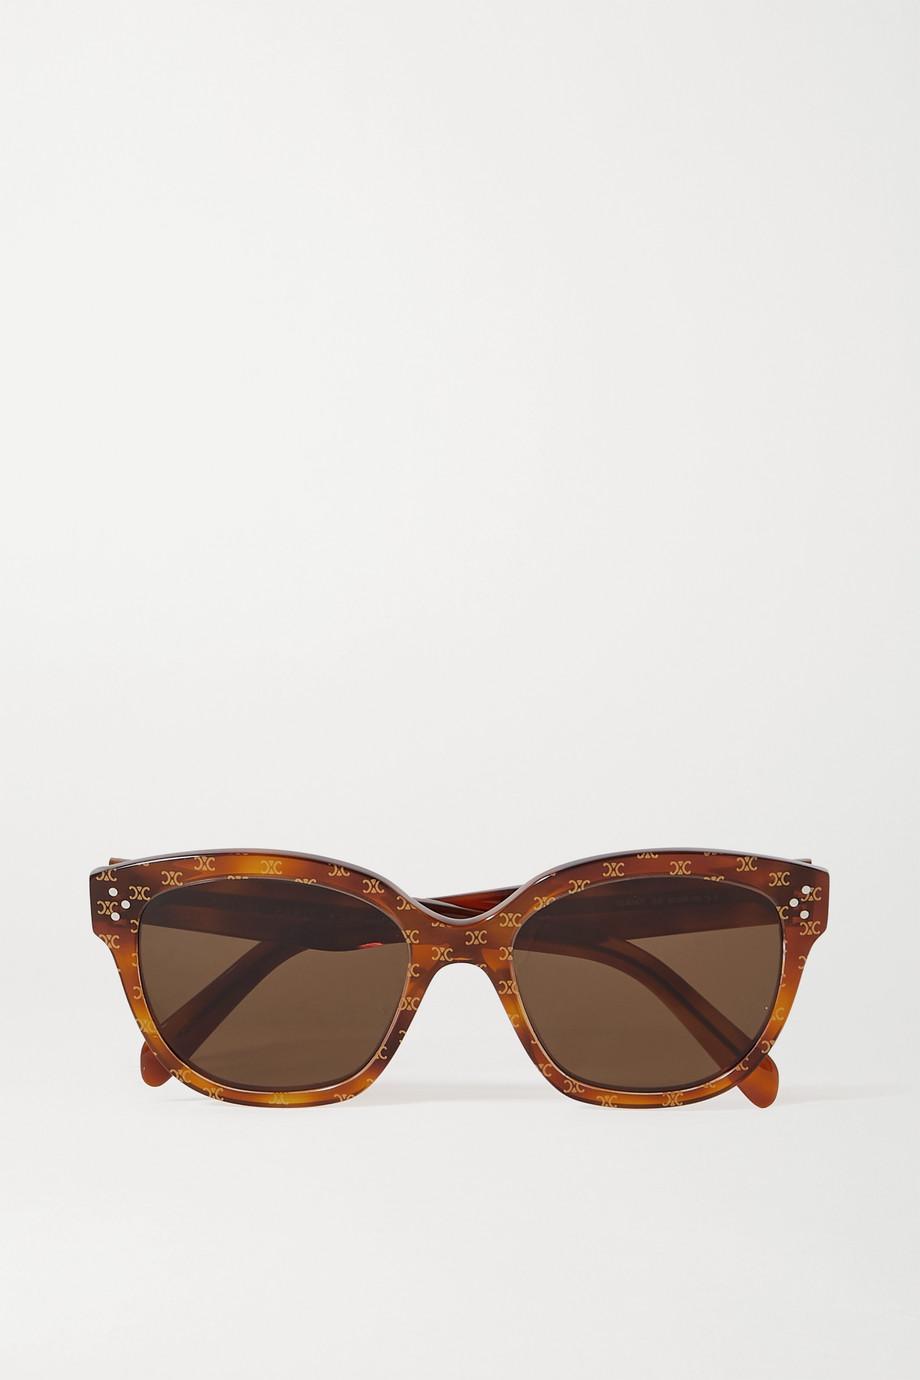 CELINE Eyewear Round-frame printed tortoiseshell acetate sunglasses